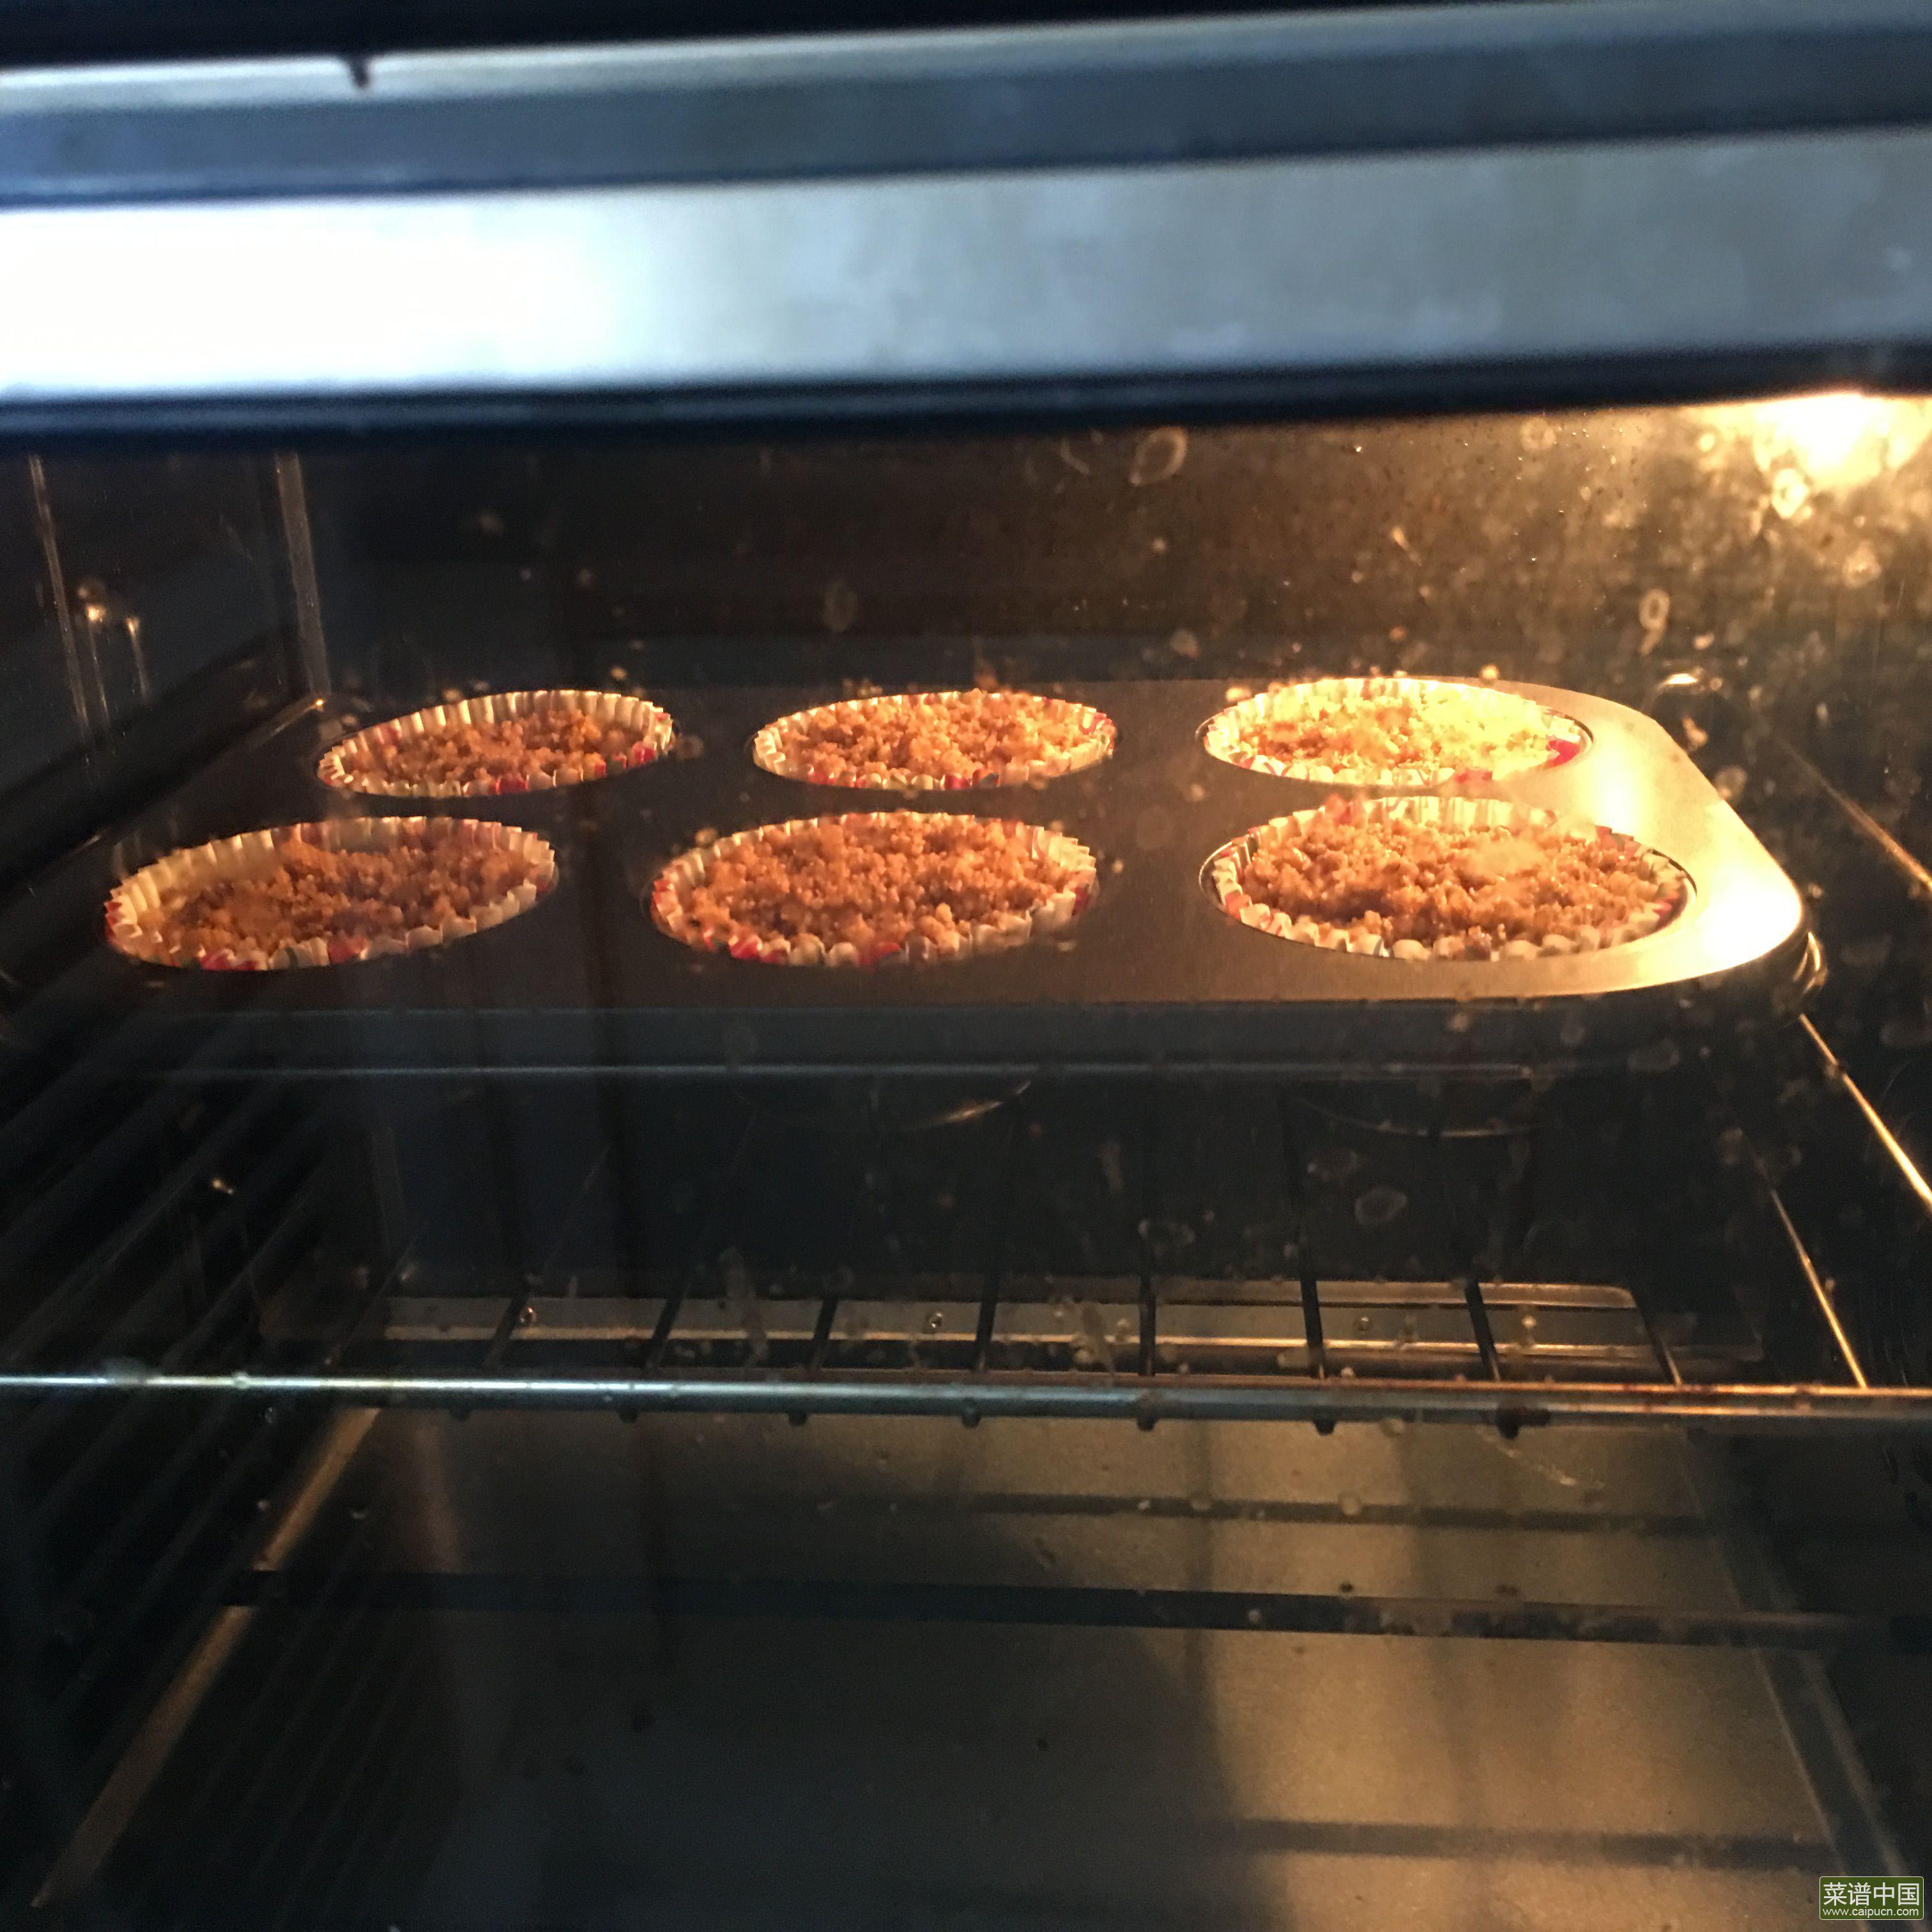 肉桂酥粒蓝莓马芬的做法步骤8